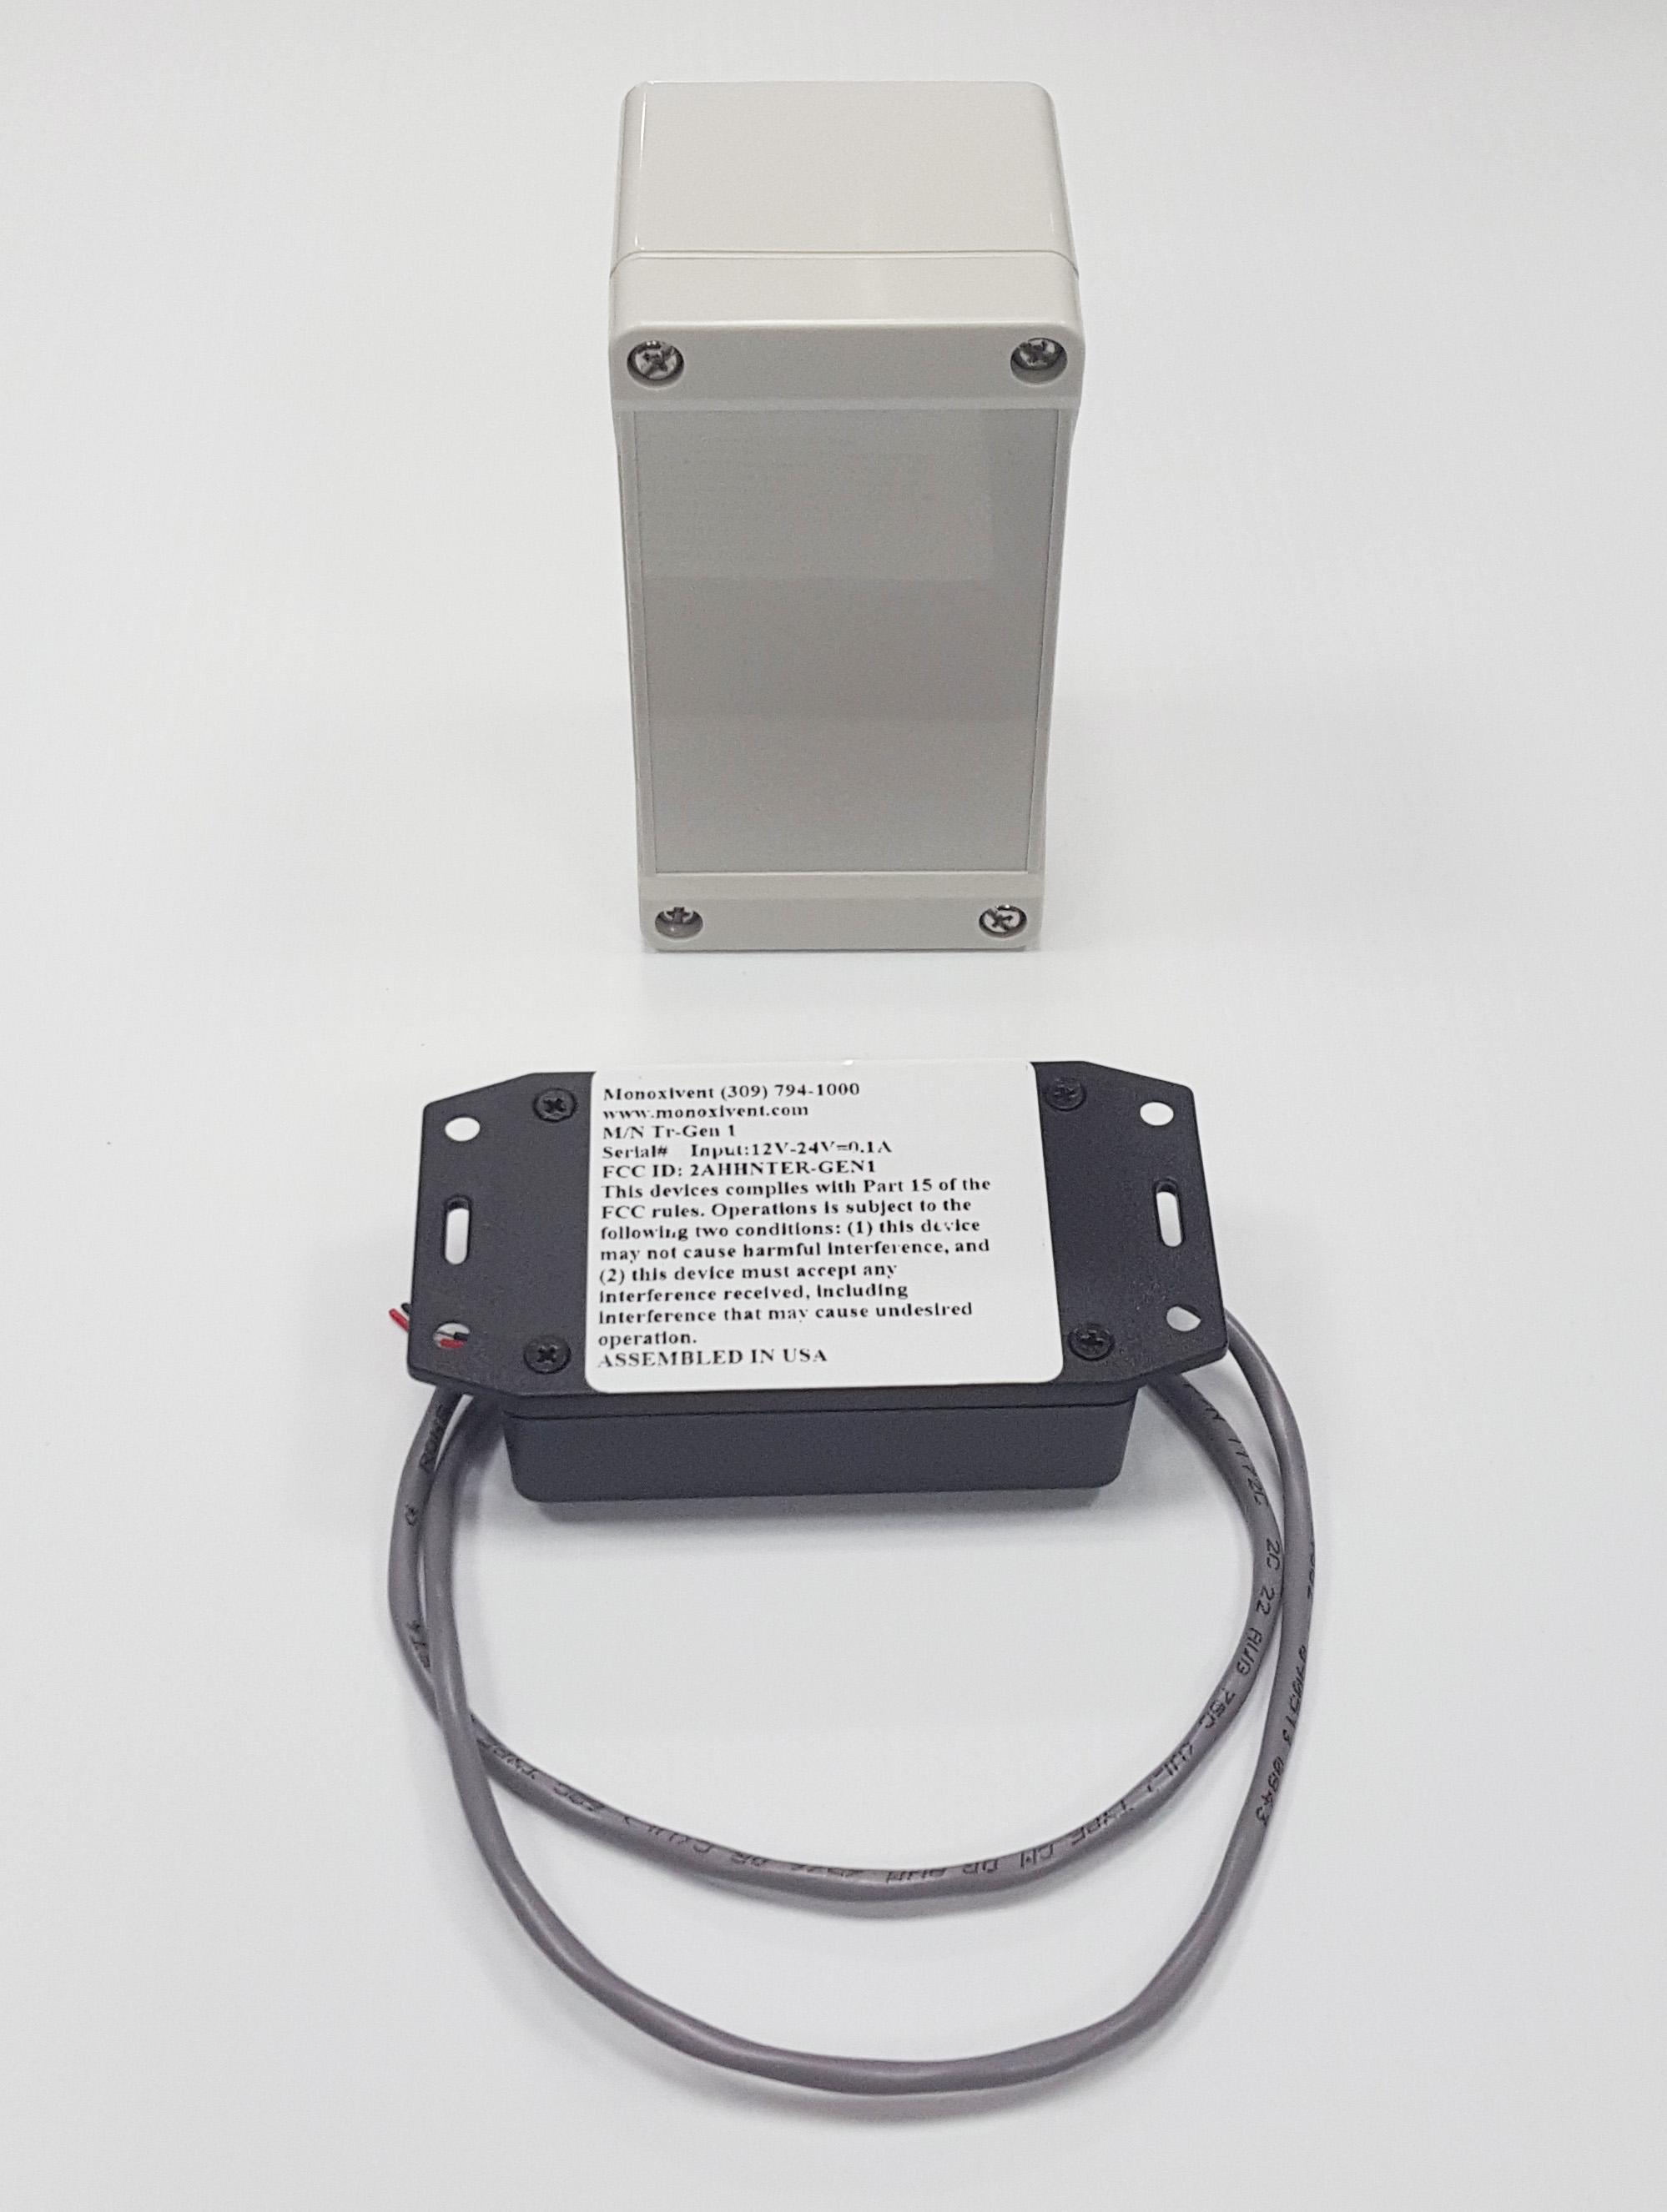 Monoxivent Gen 1 Radio Auto Start System